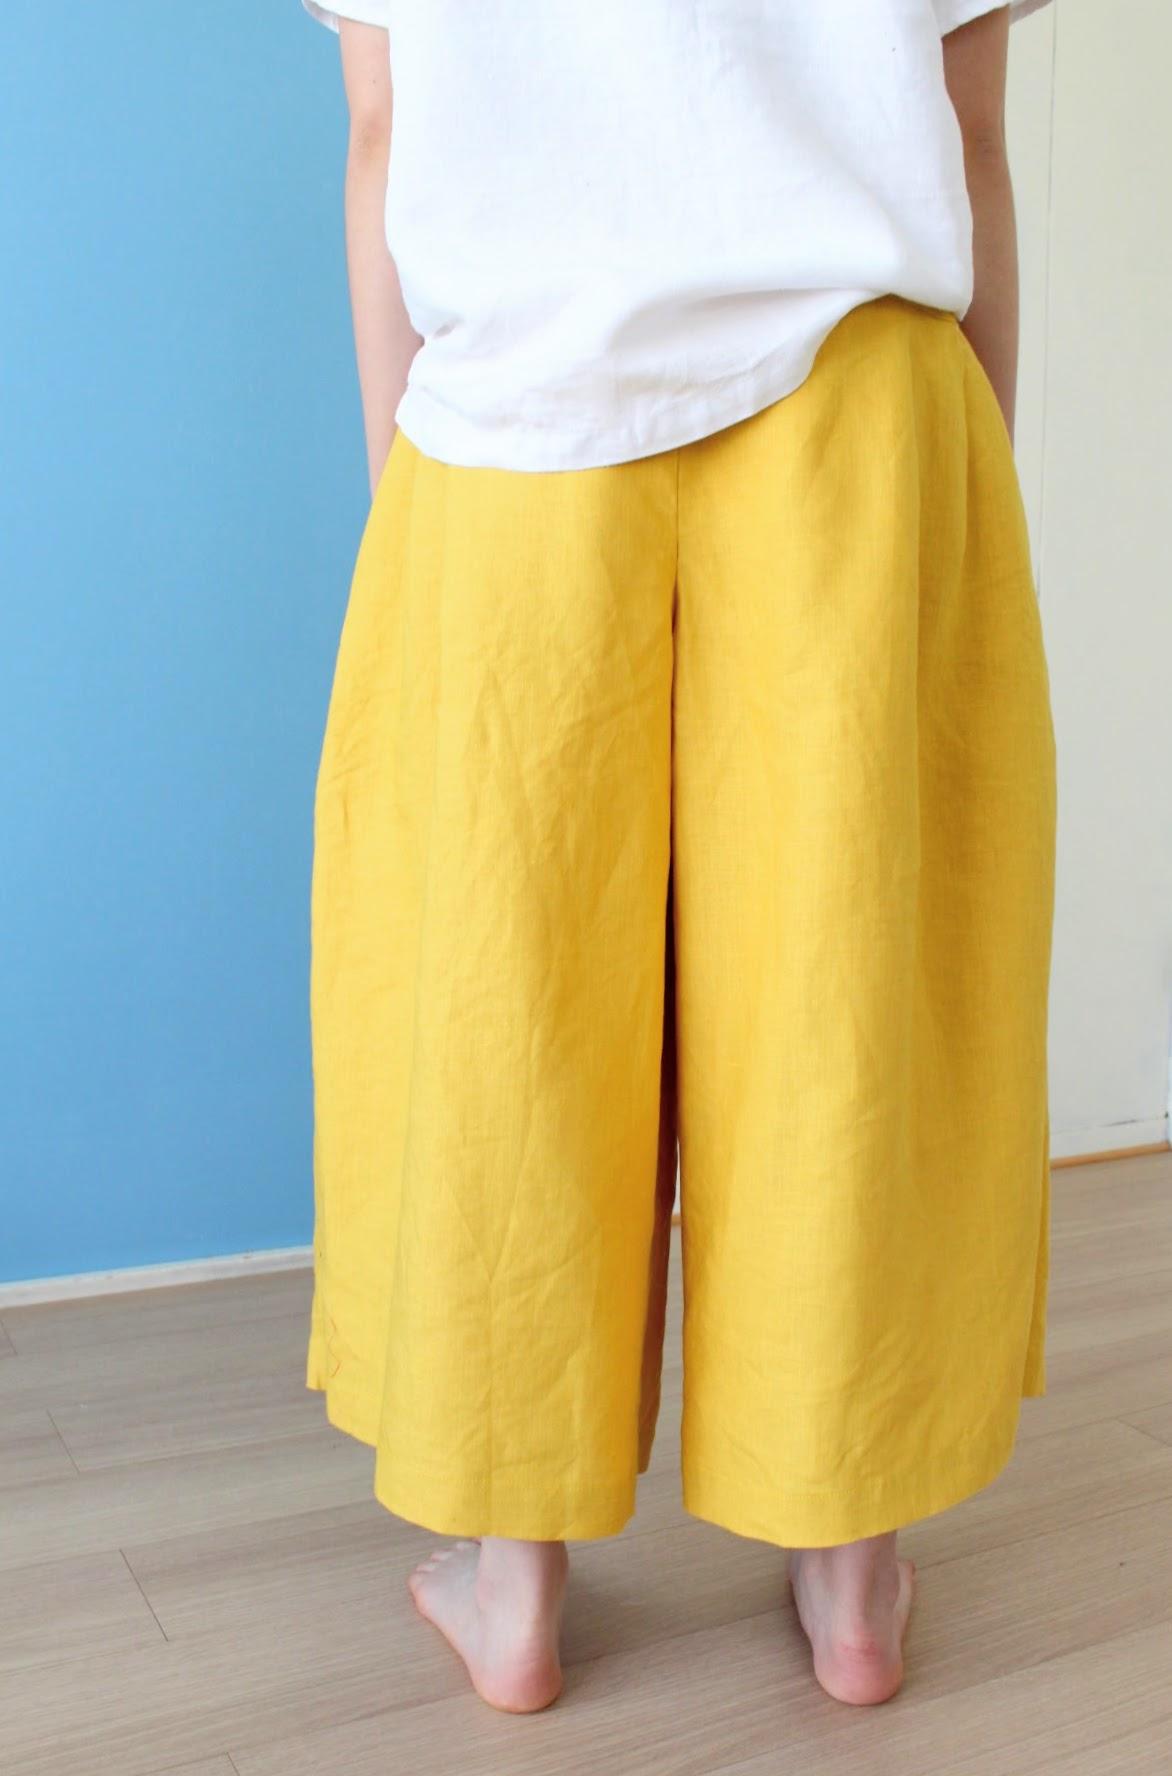 カラーリネンのキュロットスカートは、どんな感じなの?